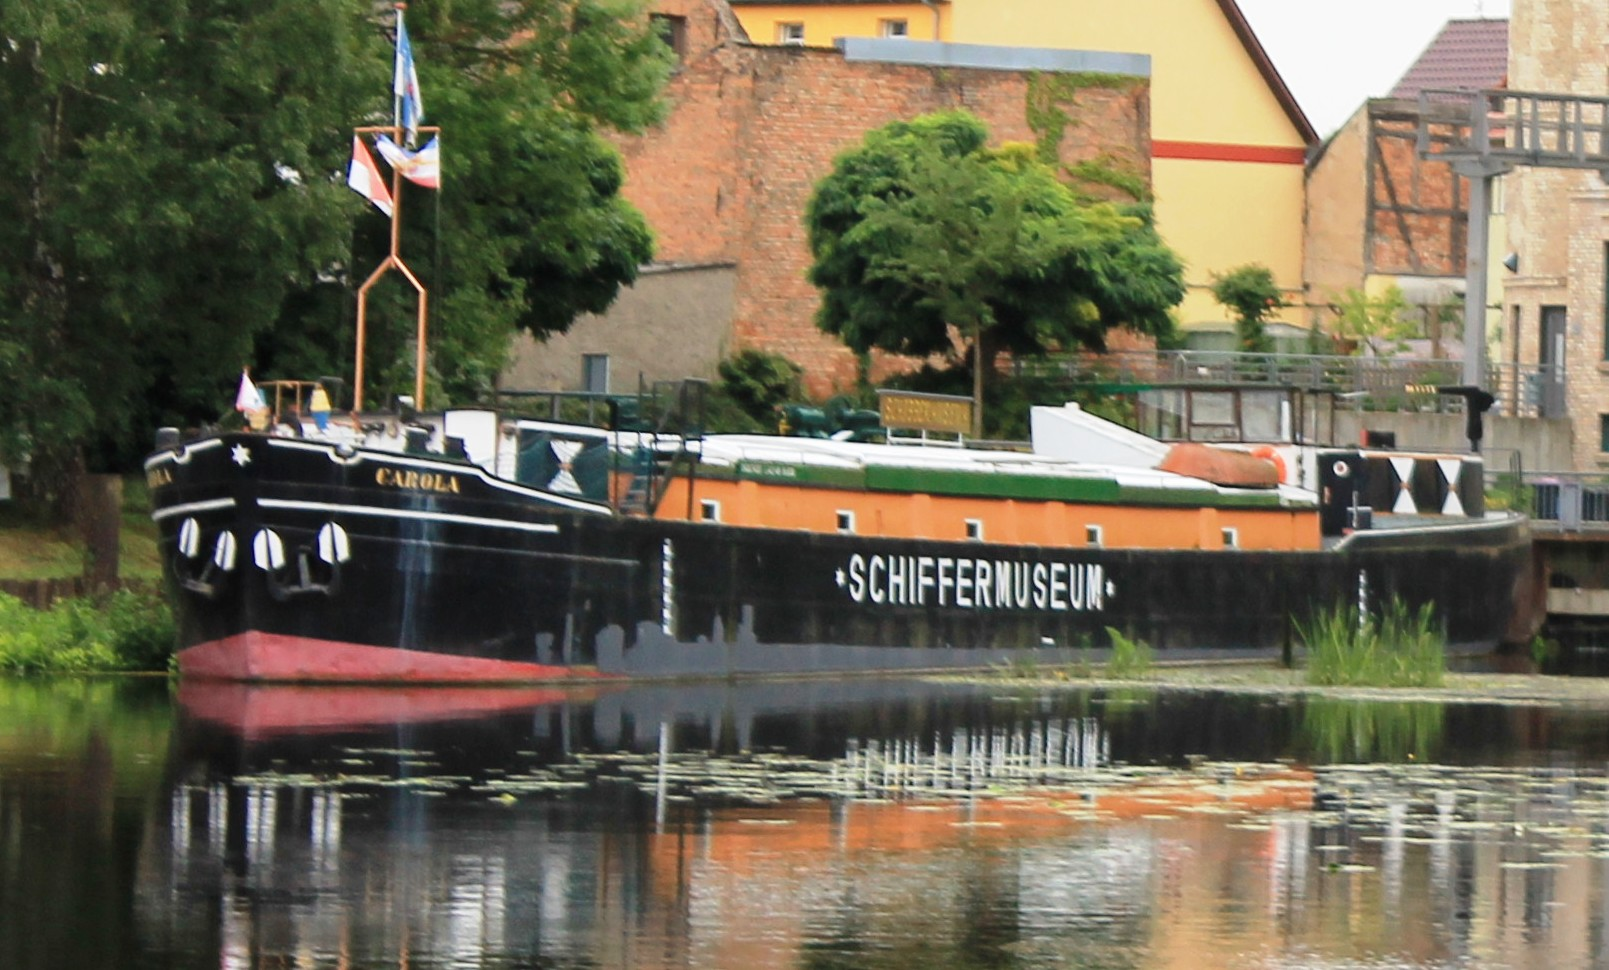 Bild Schiffermuseum Zehdenick